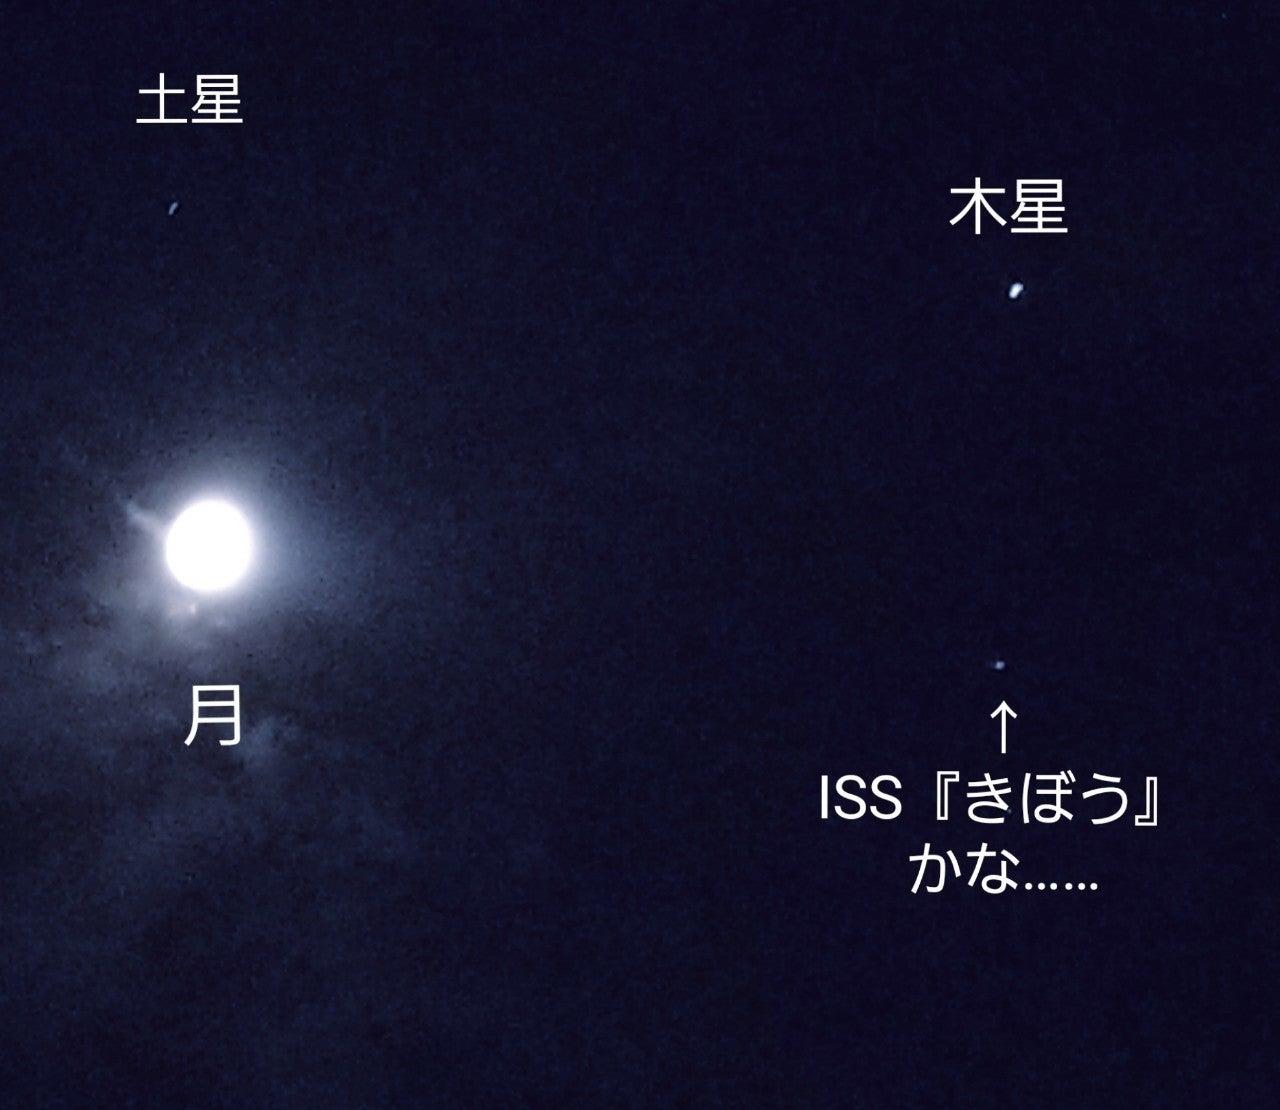 ステーション 国際 方 見え 宇宙 ぼう き